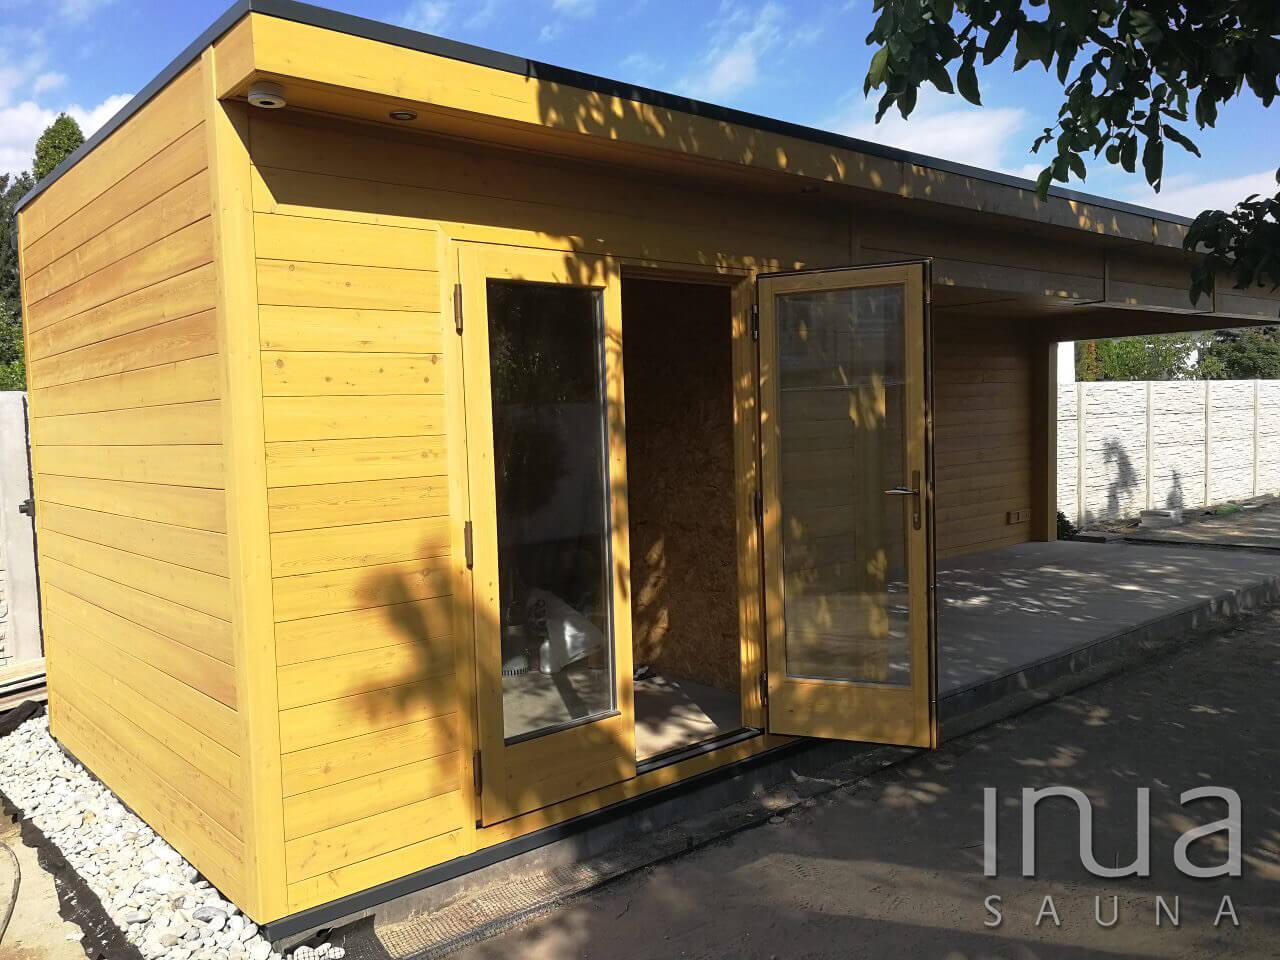 A faház praktikussását tovább növeli a zárható tároló rész, melyen egy kétszárnyú 5 pontos hőszigetelt biztonsági ajtó is helyet kapott.